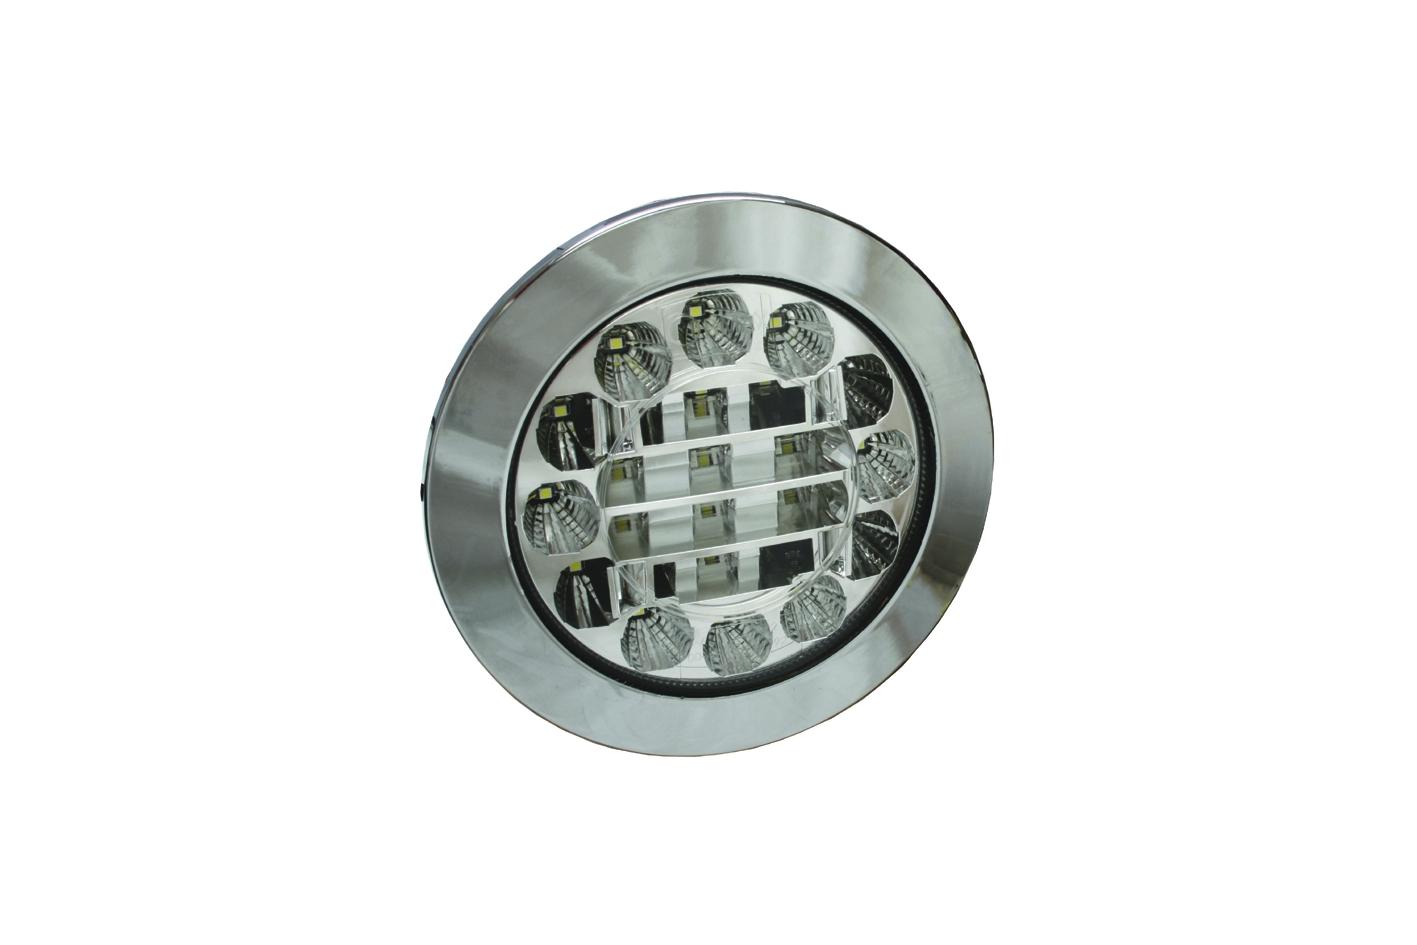 LED Heckleuchte Rückfahrleuchte 10-30 Volt